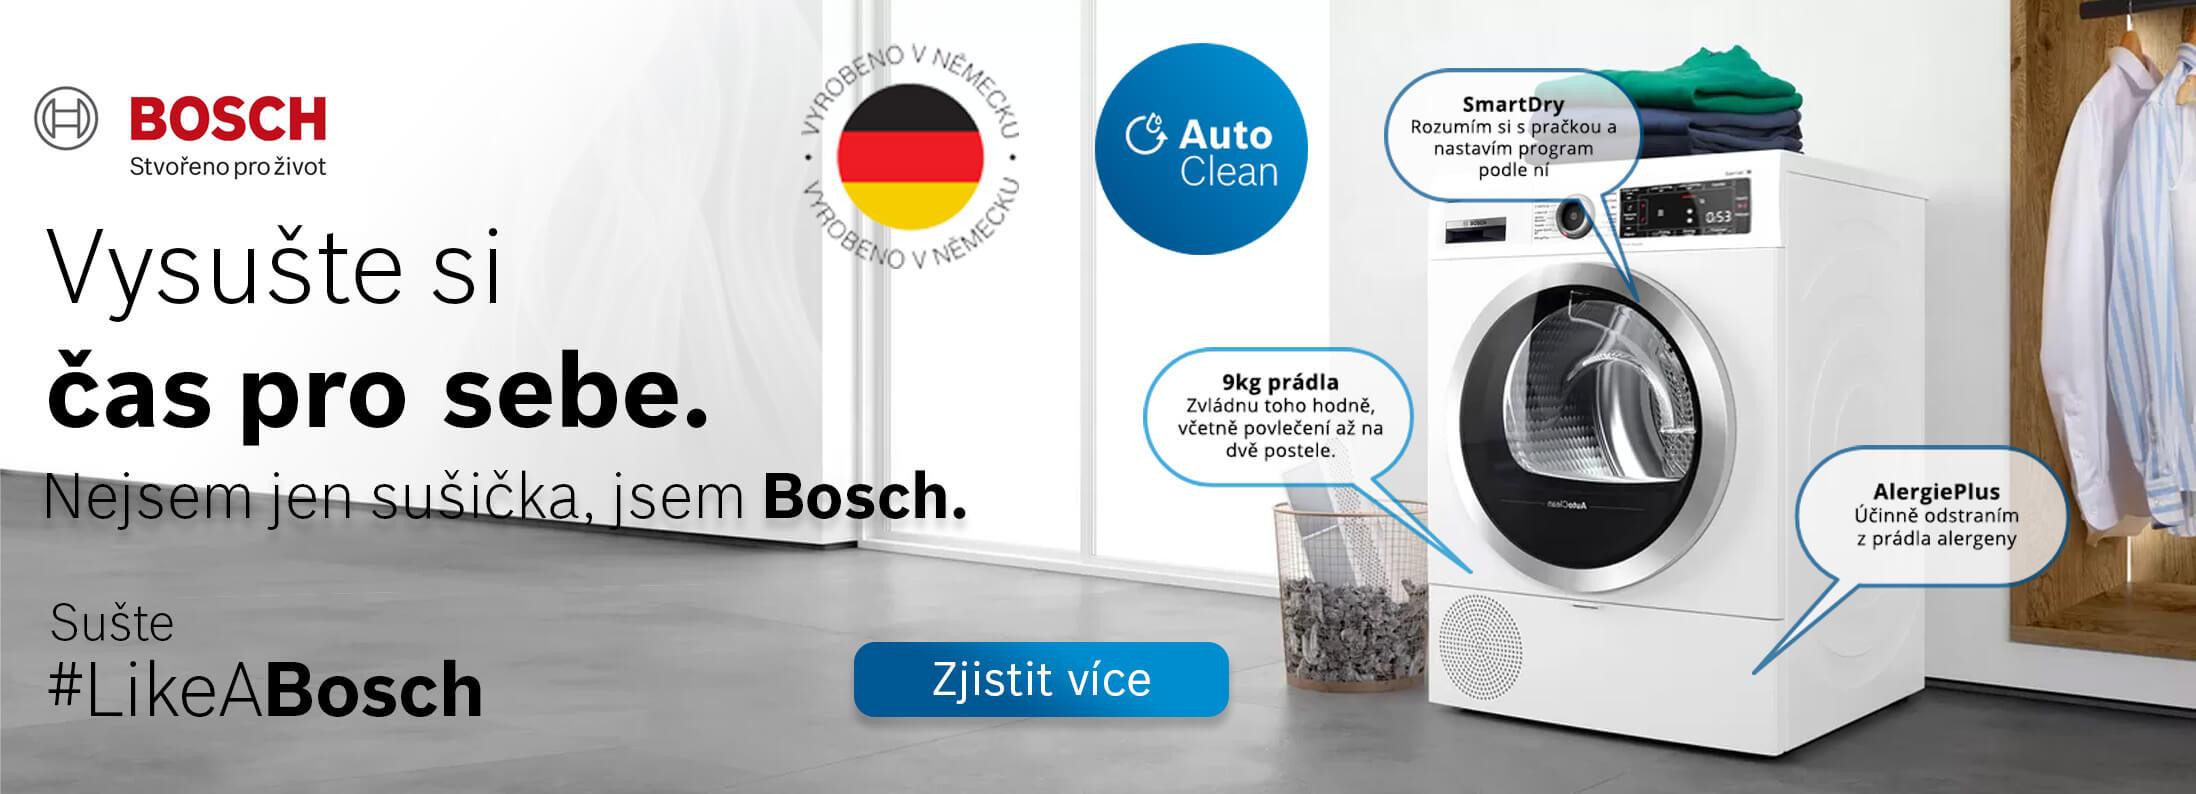 Bosch - Vysušte si čas pro sebe